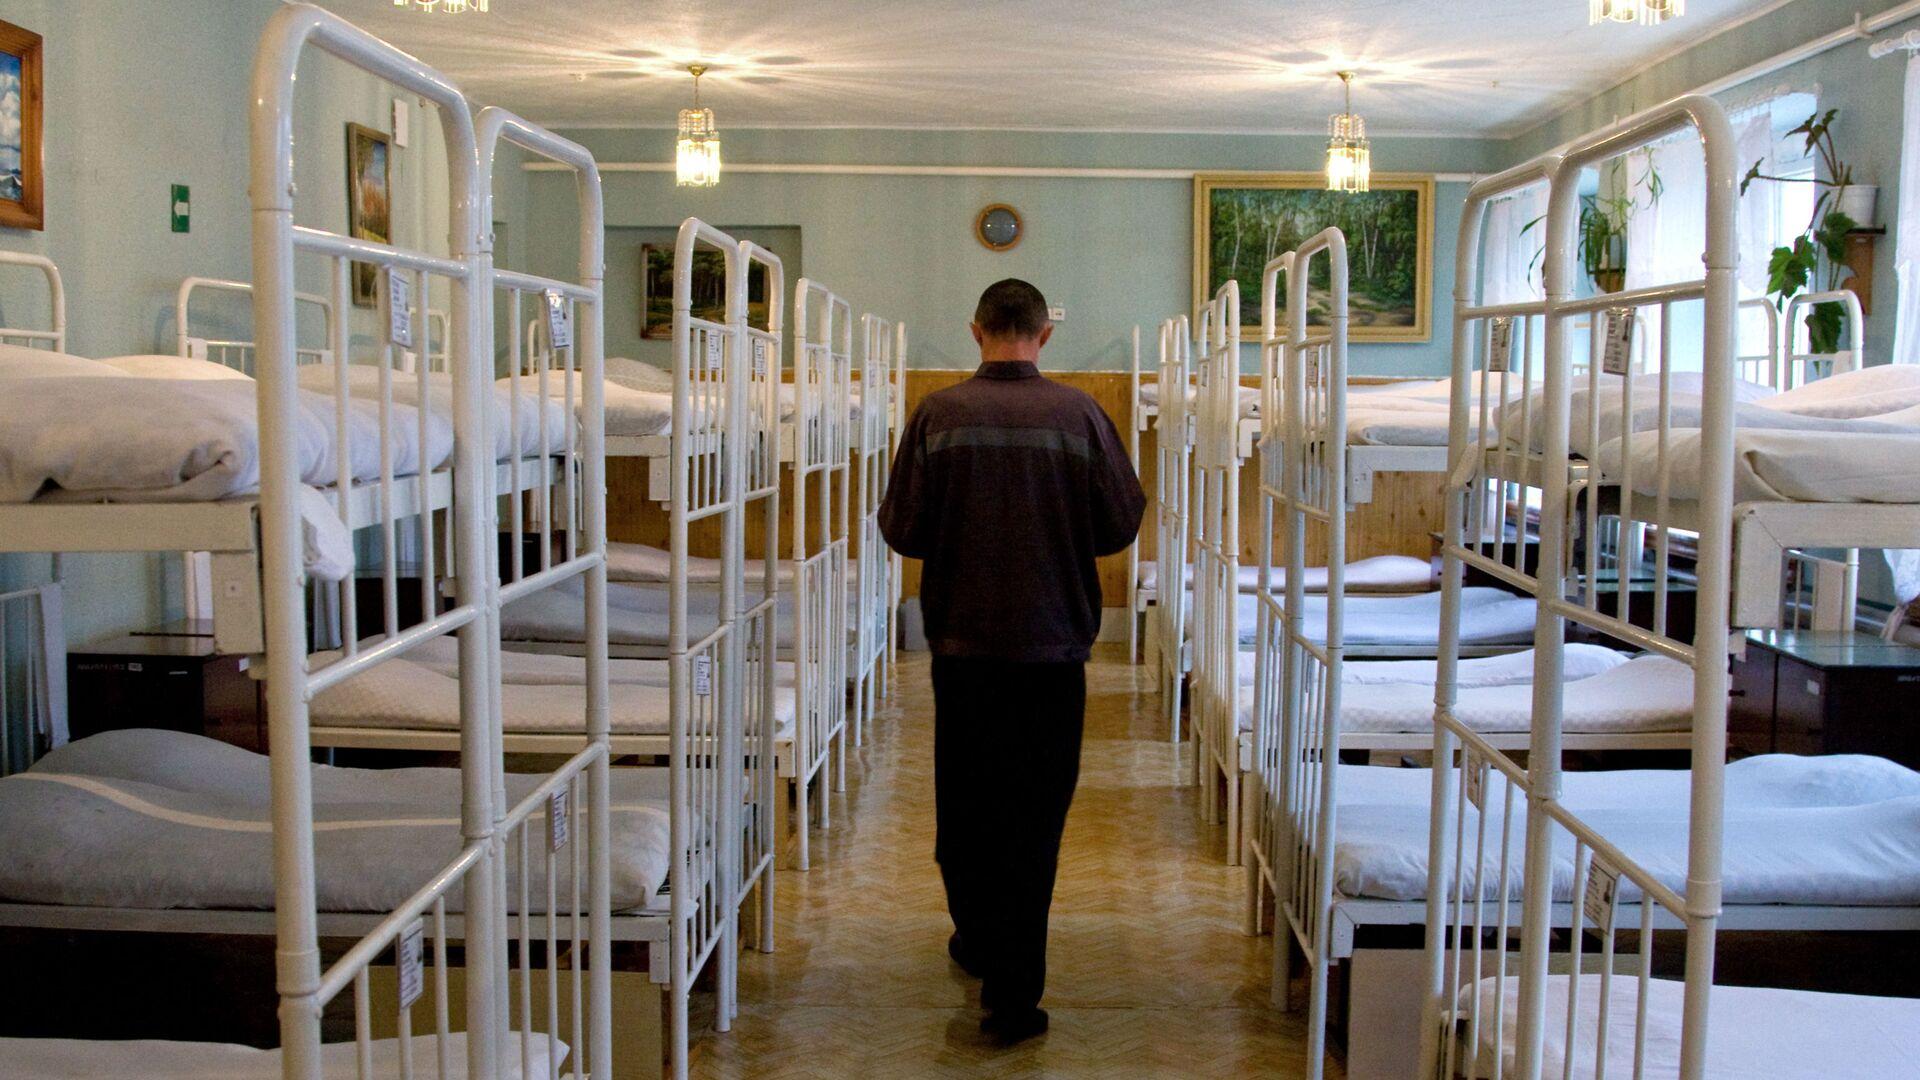 Заключенный в спальне исправительной колонии, архивное фото - Sputnik Таджикистан, 1920, 25.02.2021